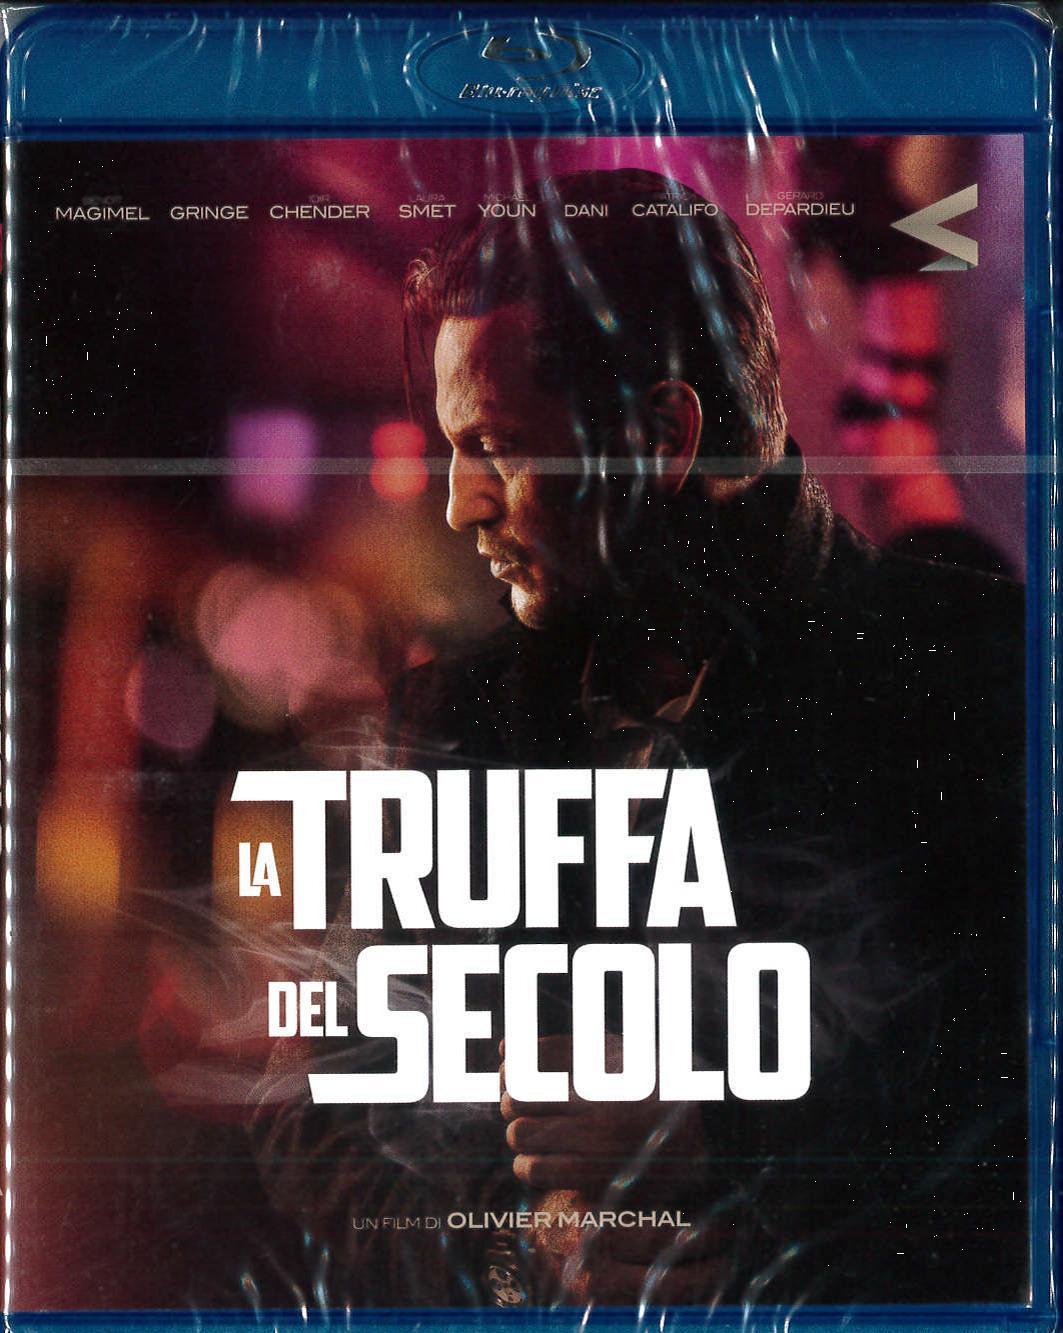 LA TRUFFA DEL SECOLO - BLU RAY